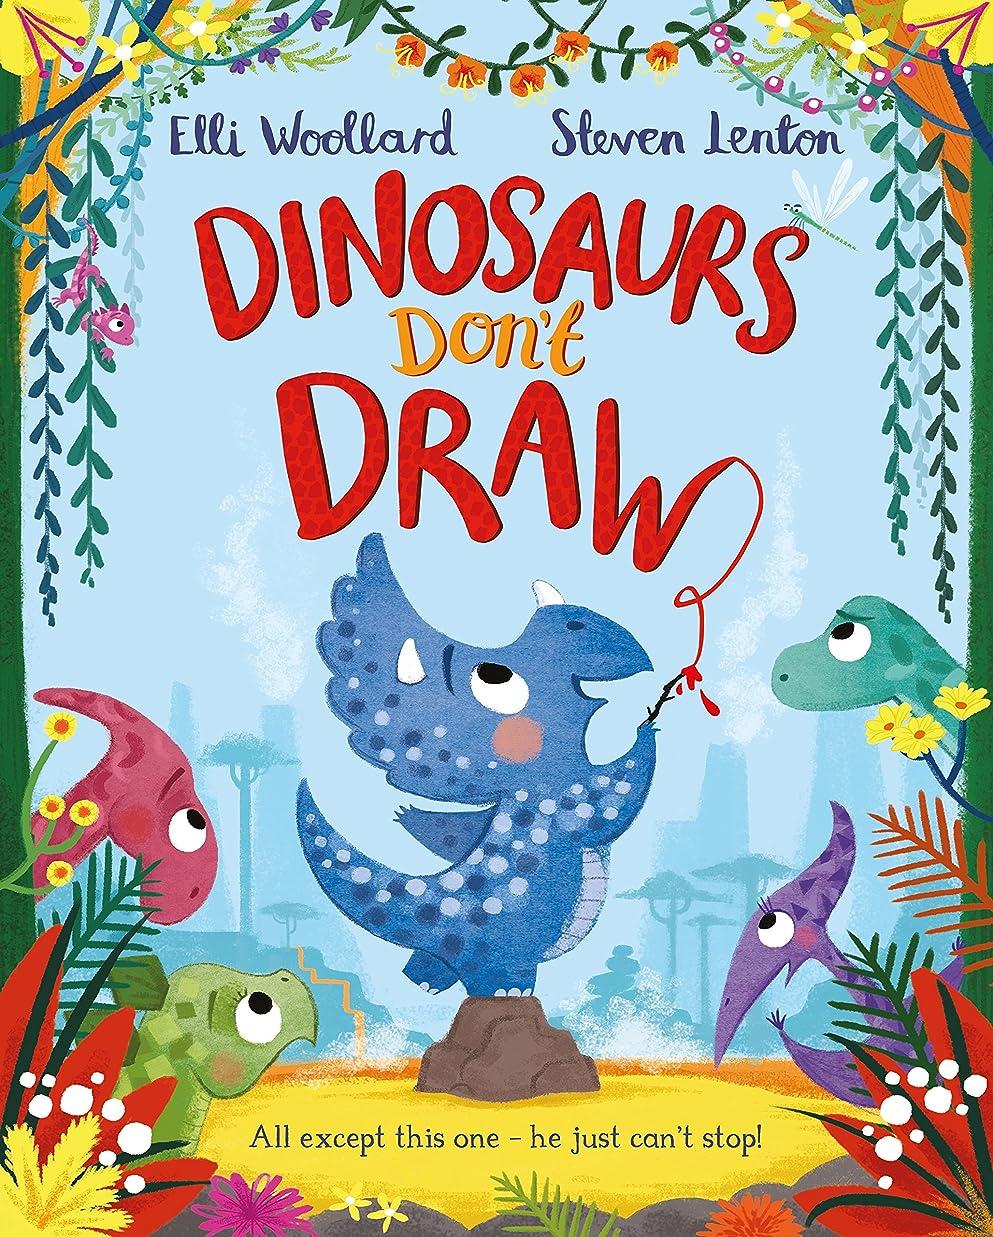 換気する反対に準備Dinosaurs Don't Draw (English Edition)